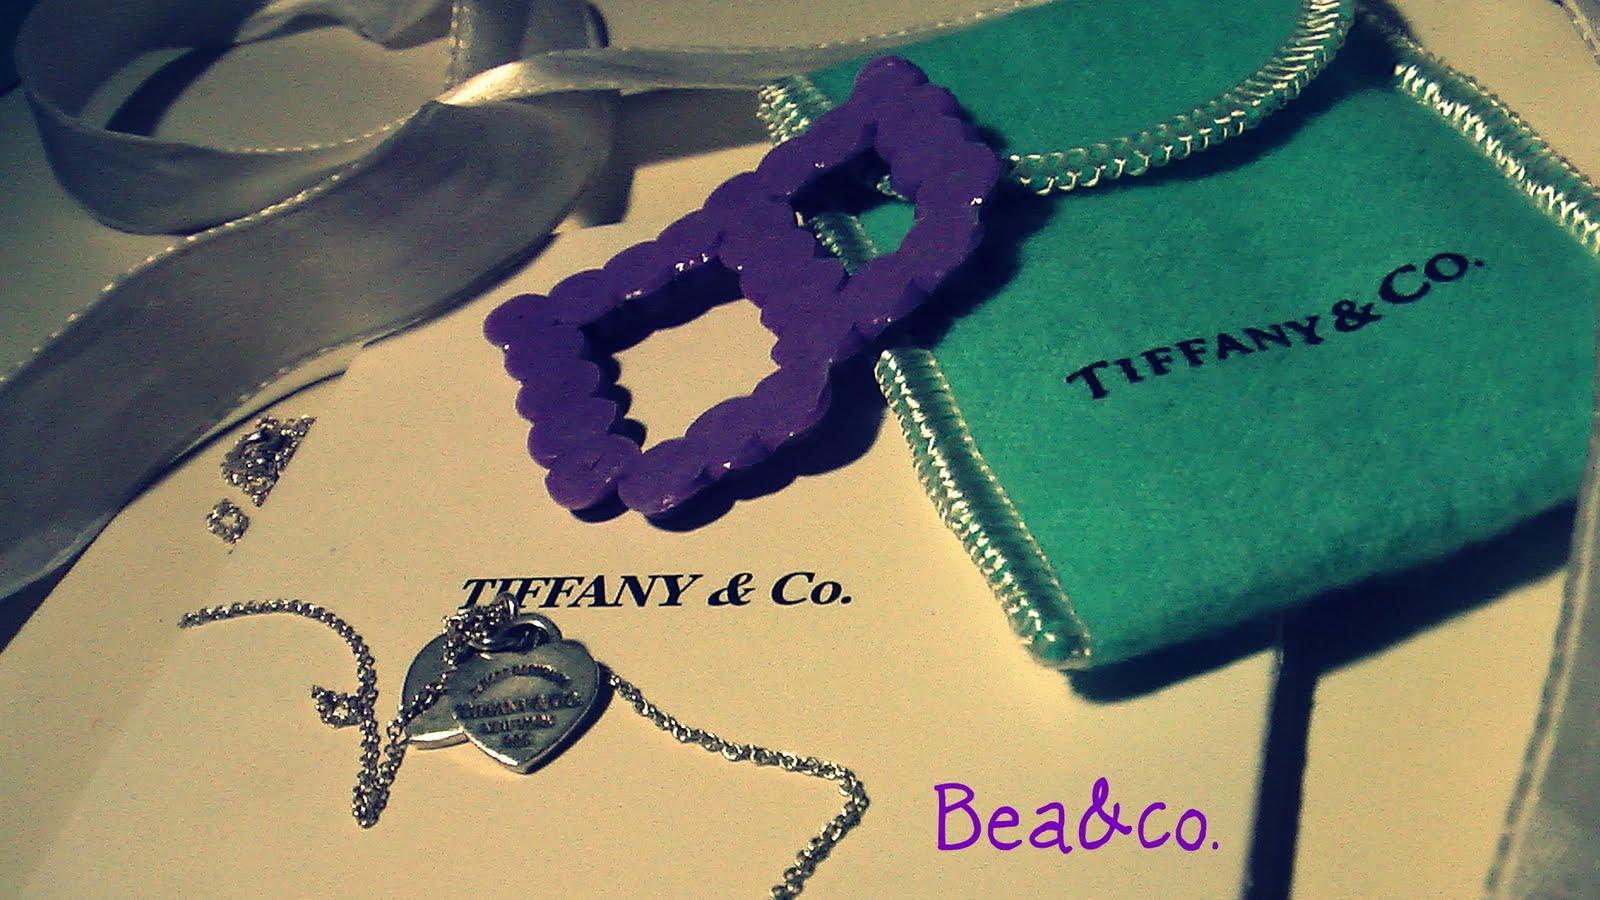 Bea&co.